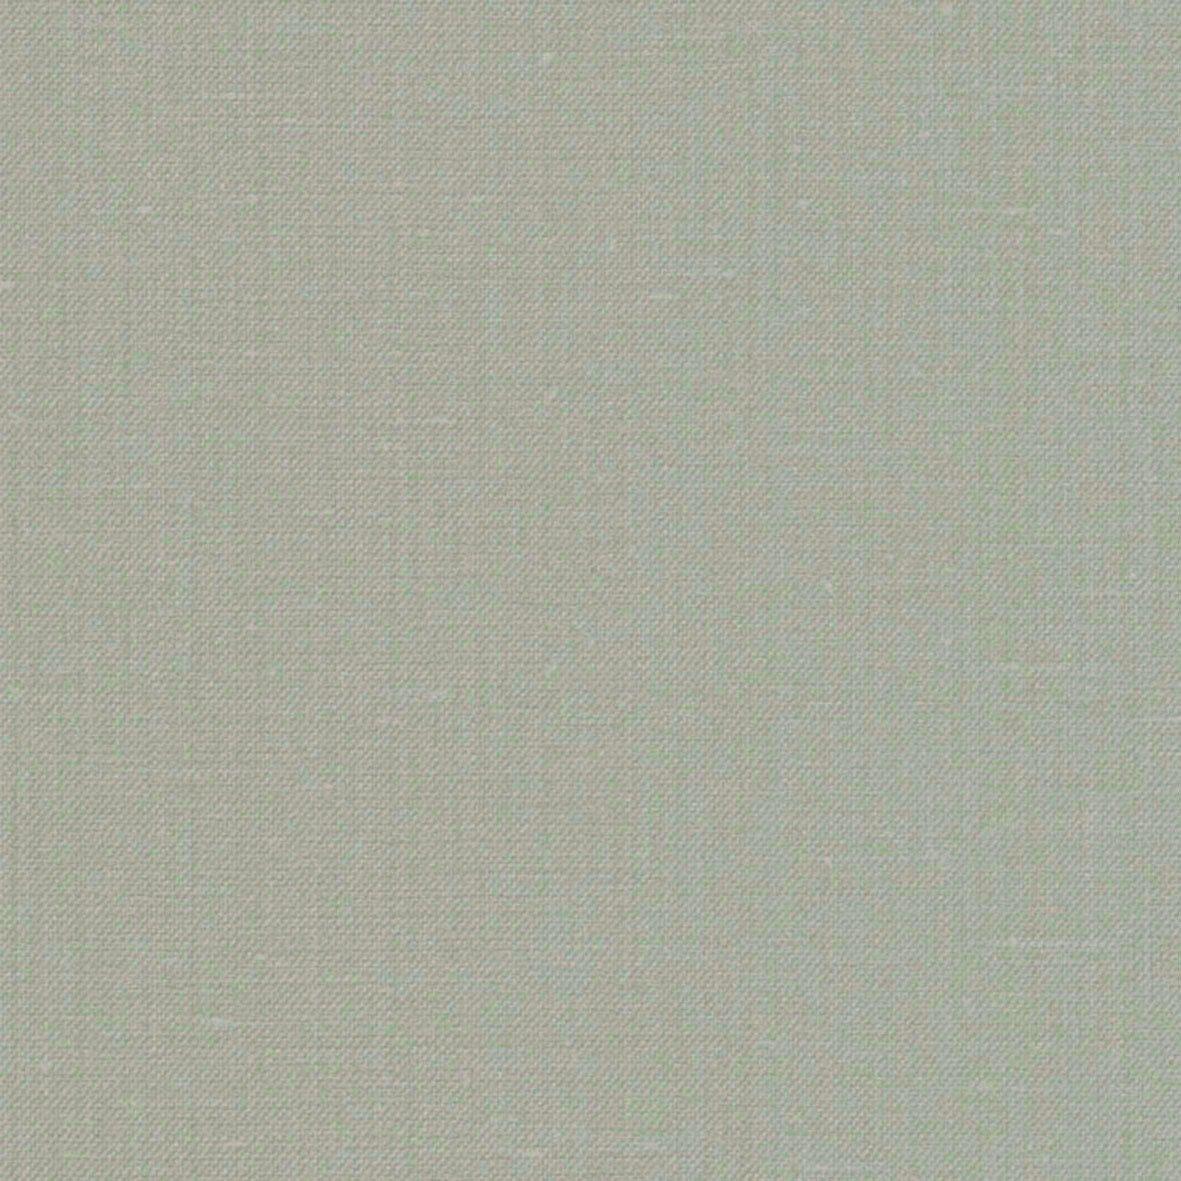 リリカラ 壁紙32m シンフル 無地 ブラウン LL-8597 B01N0AA14S 32m|ブラウン1